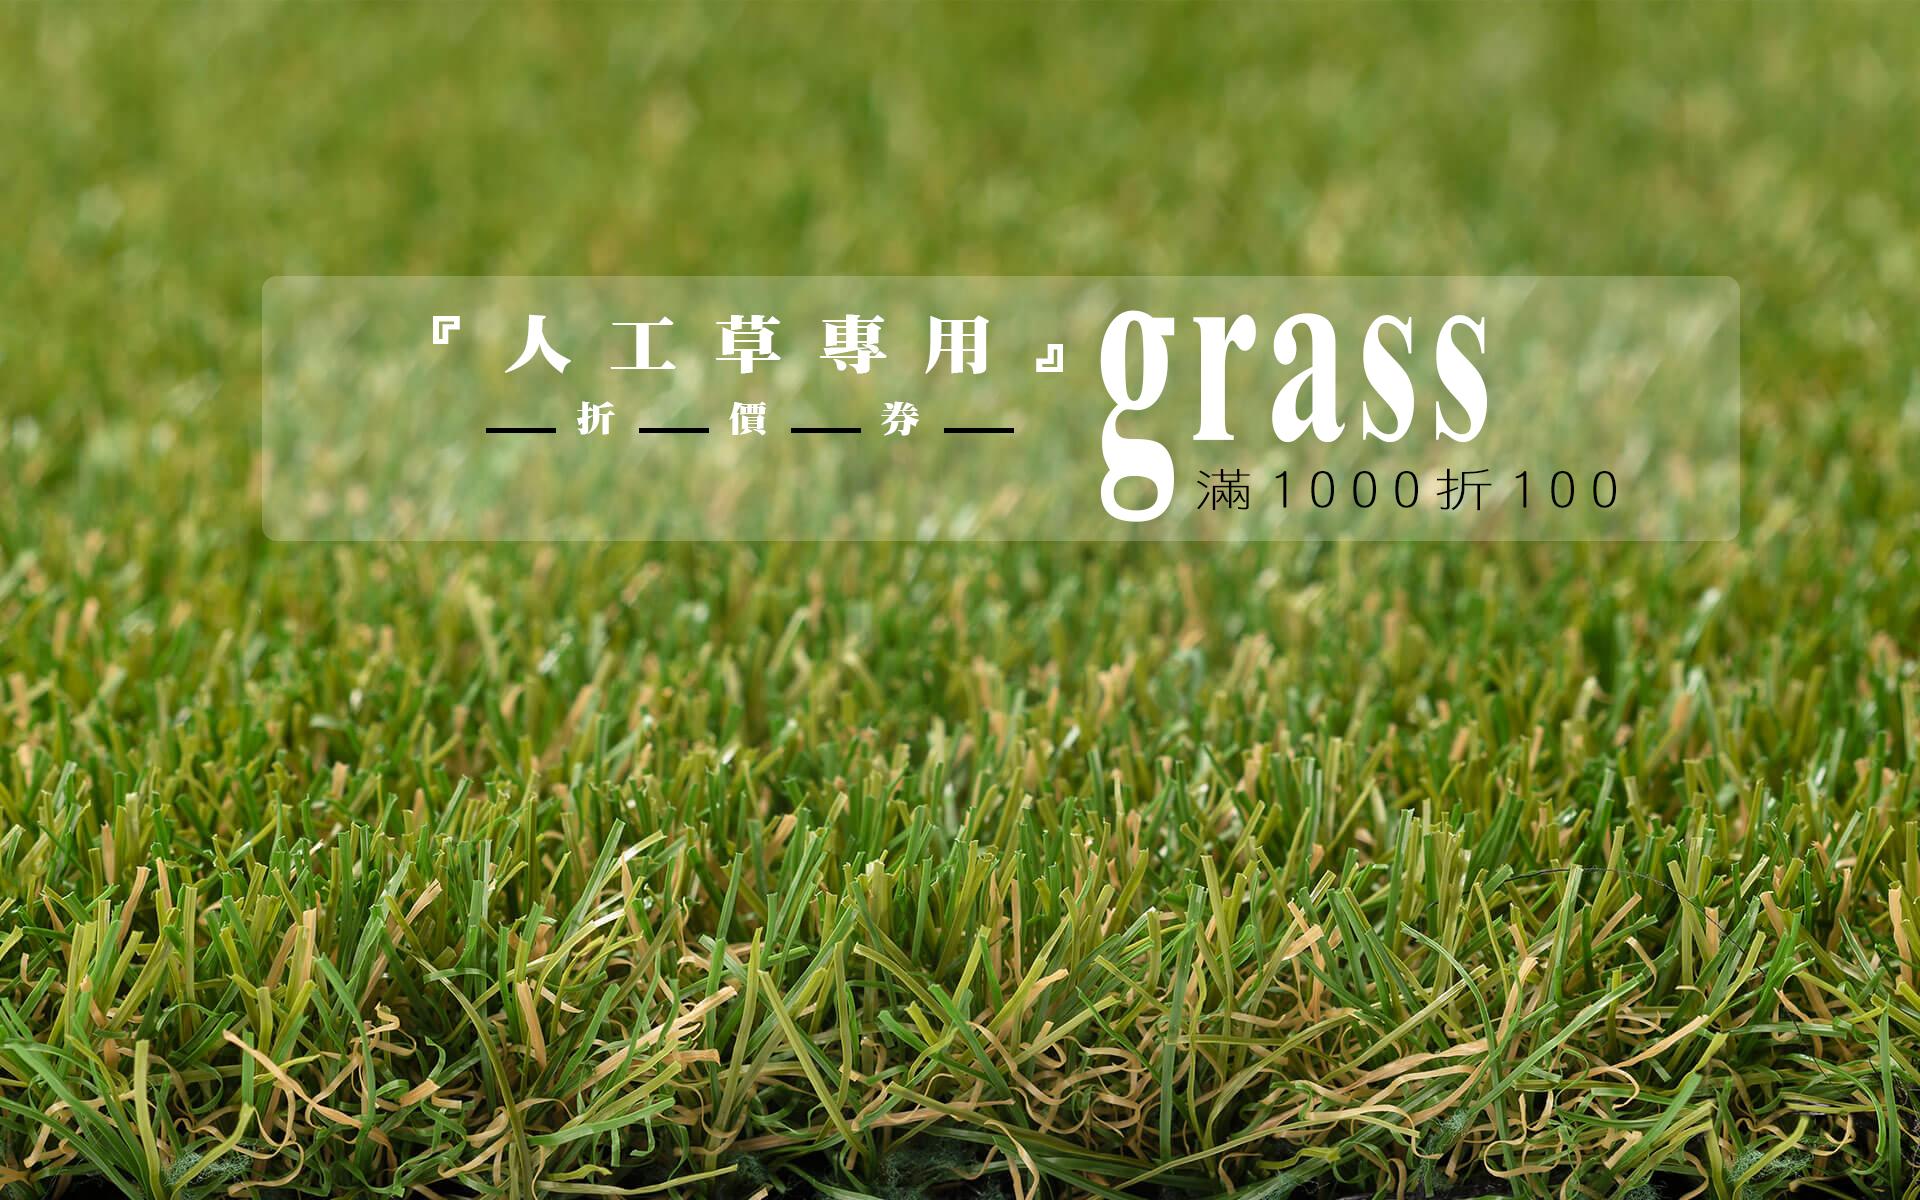 人工草專用超級折扣碼grass